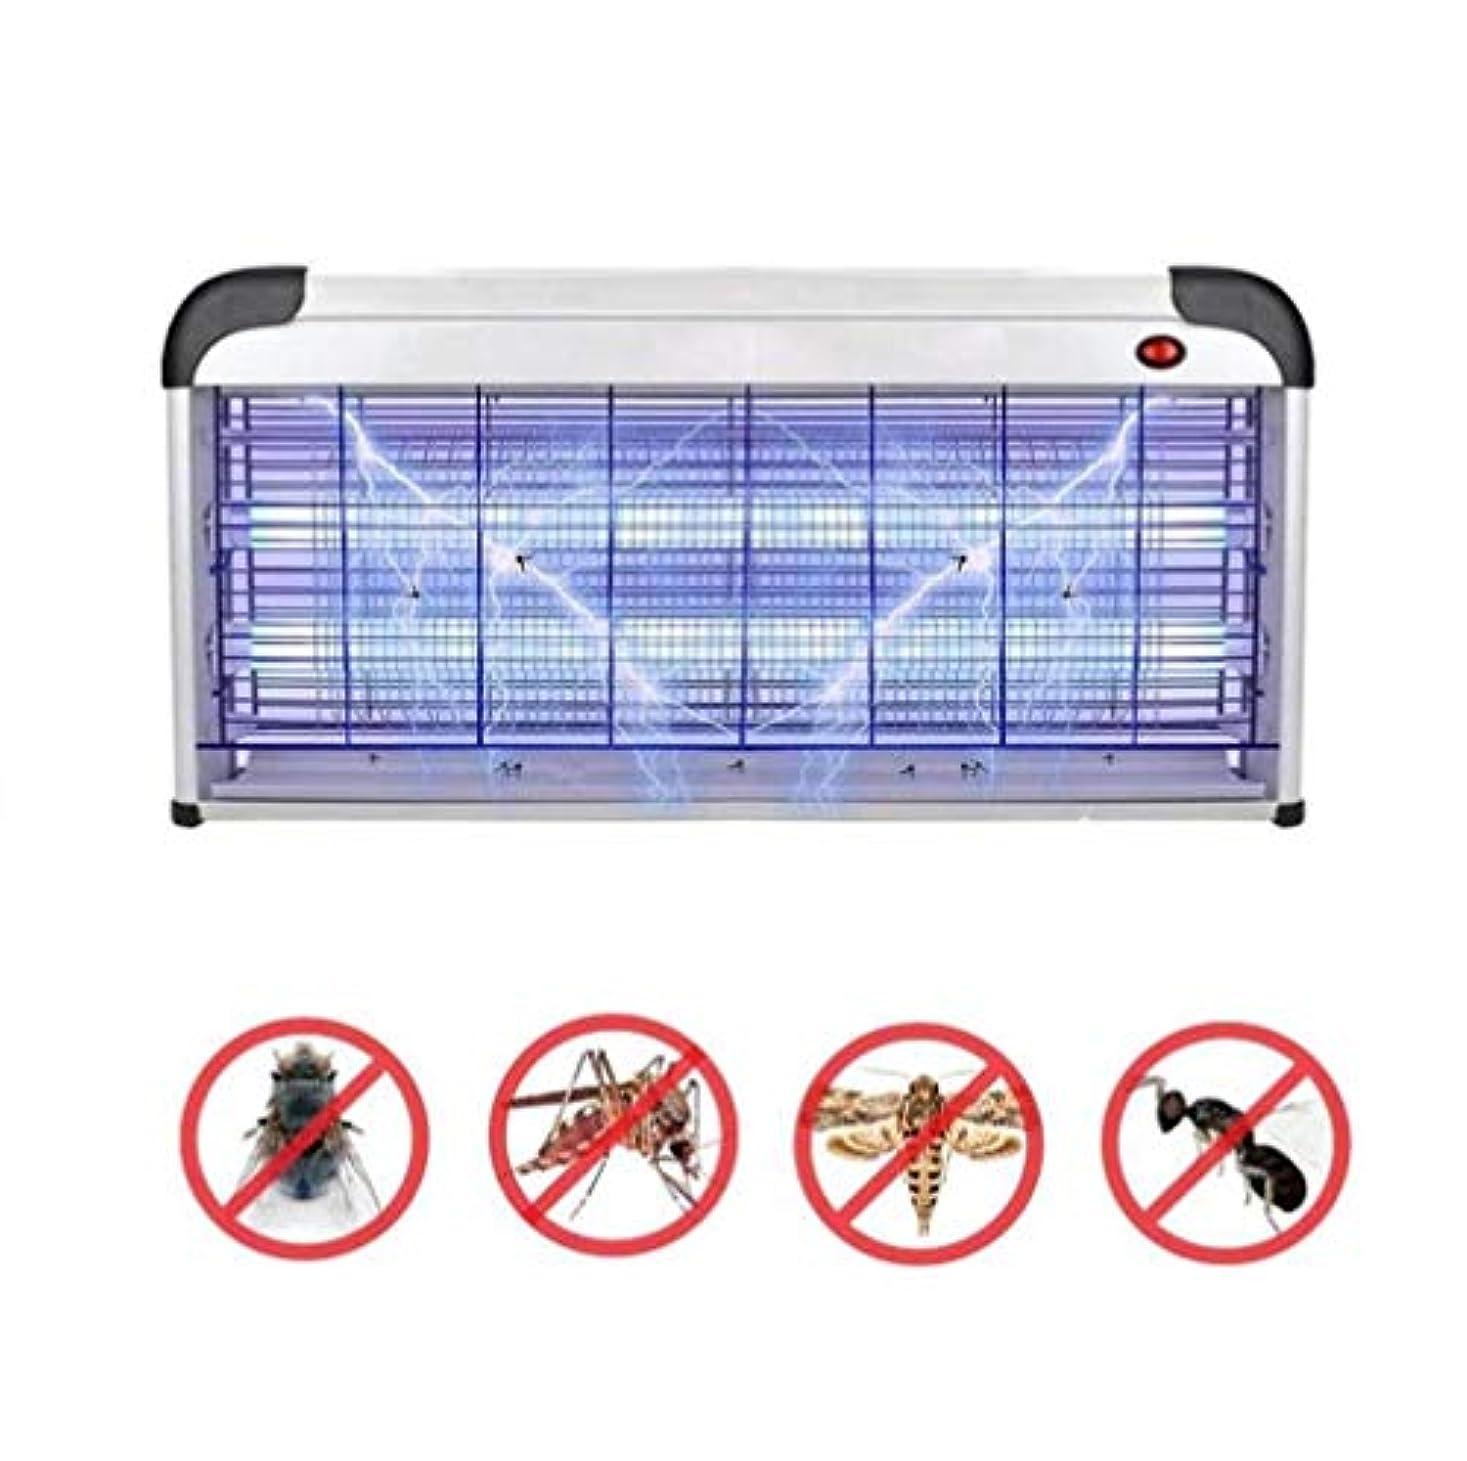 モトリー保安染色ハエキラーアップグレード40ワット電子バグザッパー蚊、ハエ、蛾、ハチ、カブトムシその他の害虫キラー屋内 (色 : 30W)